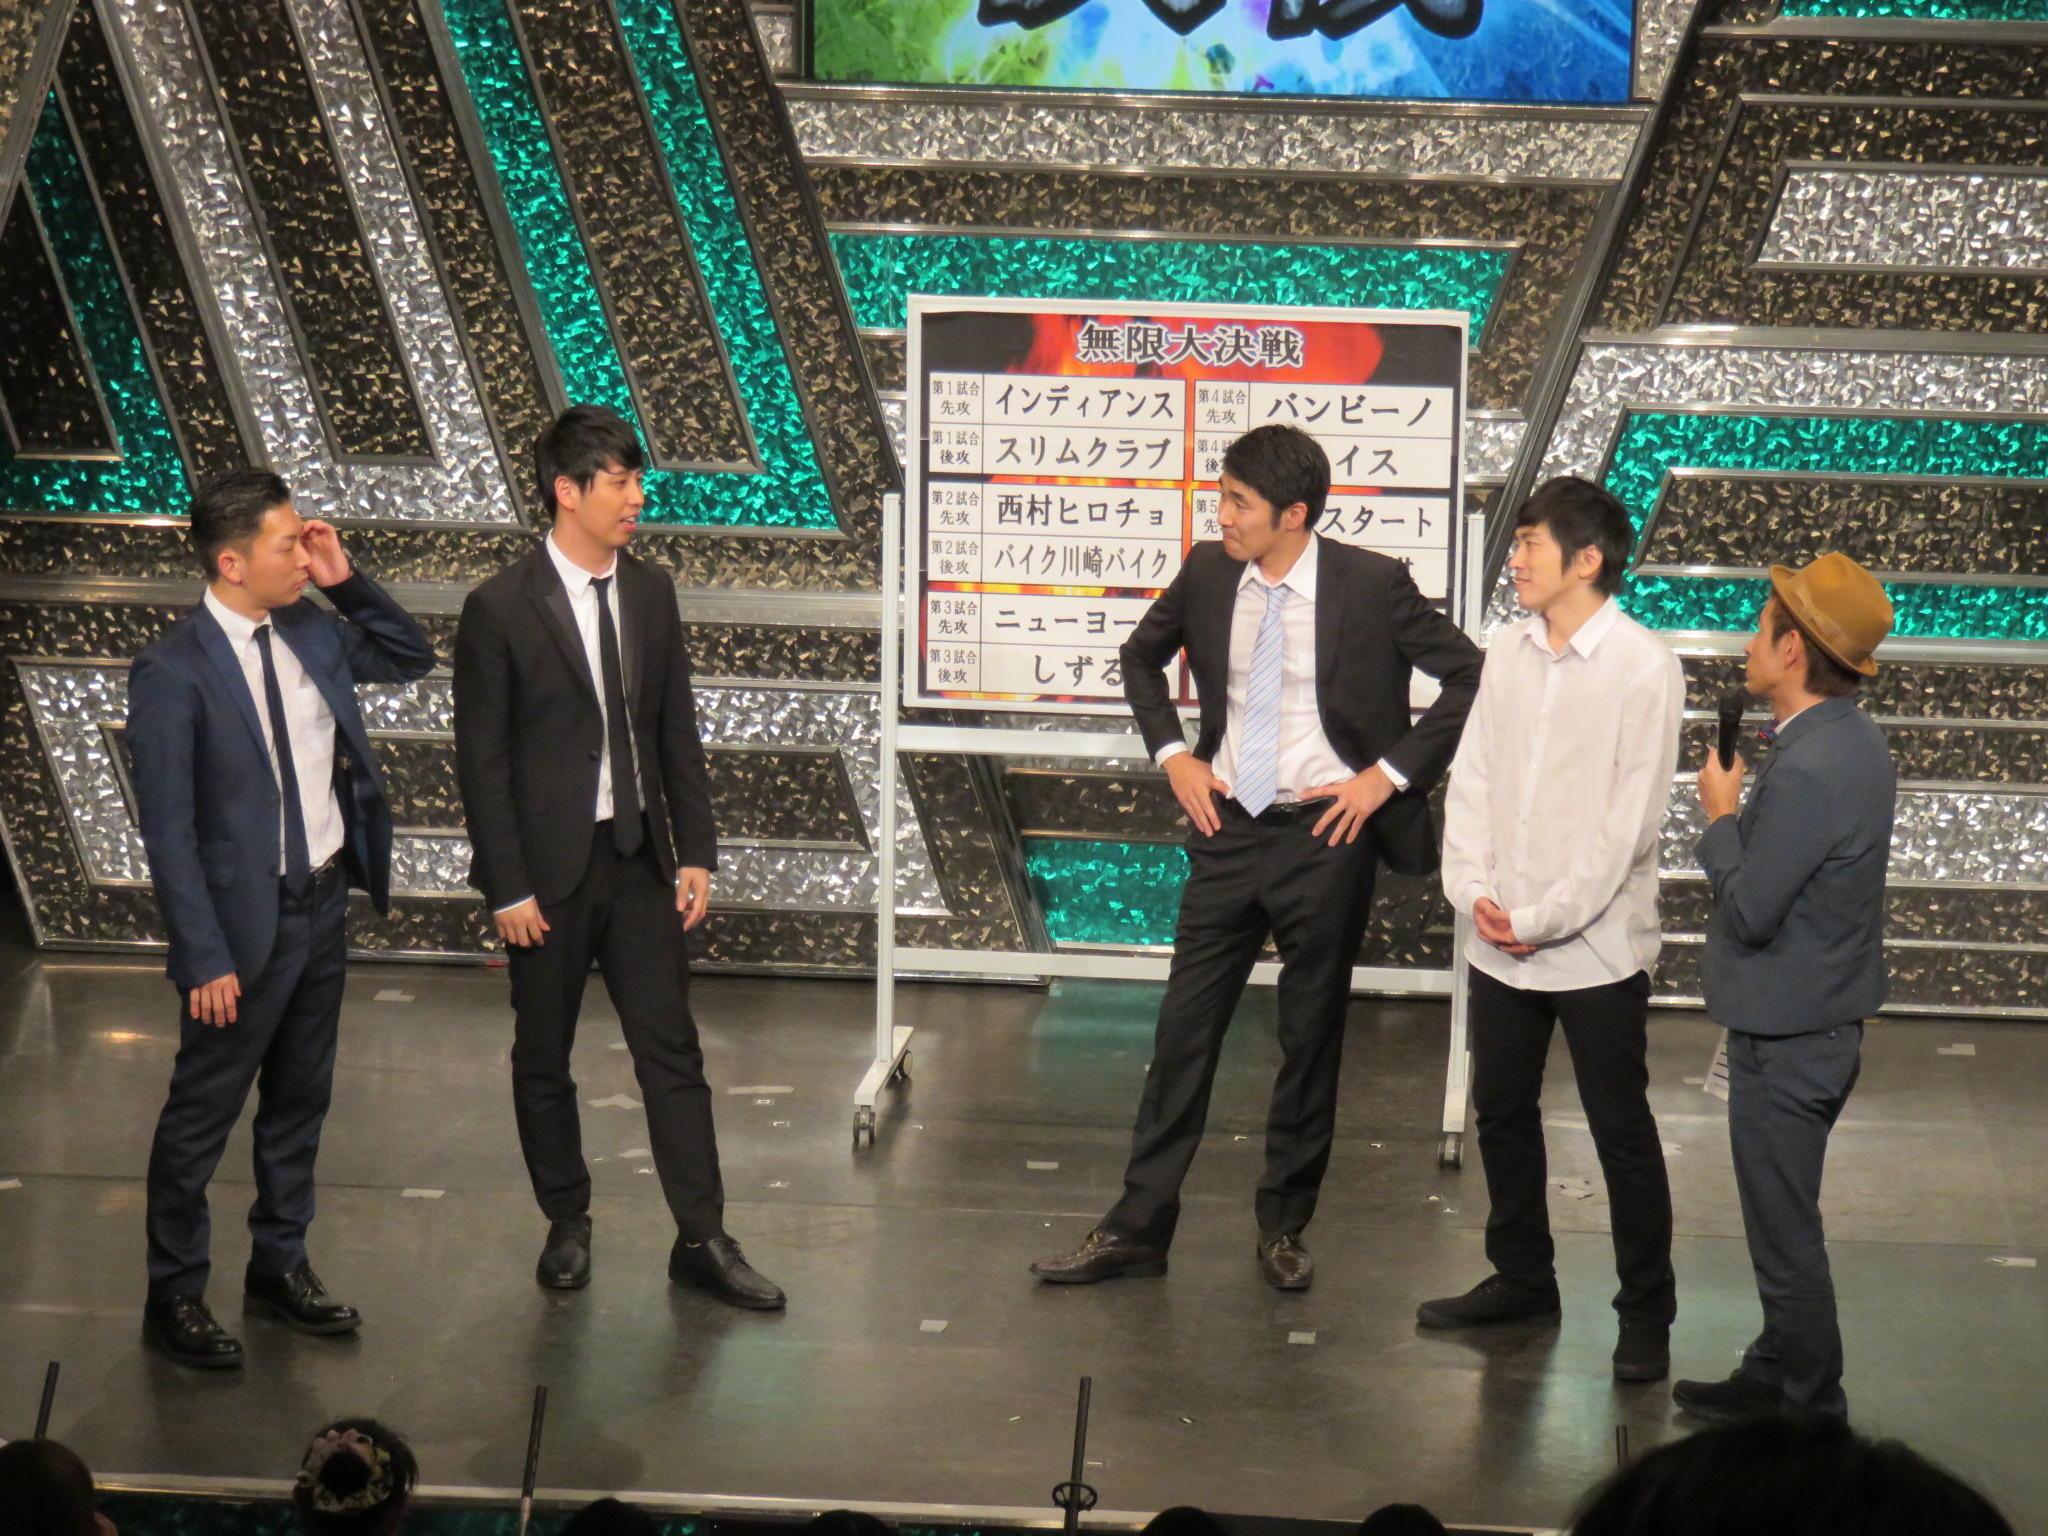 http://news.yoshimoto.co.jp/20161228213000-00714e4e0f565f174c9a500b9e3c67fe22f430ef.jpg